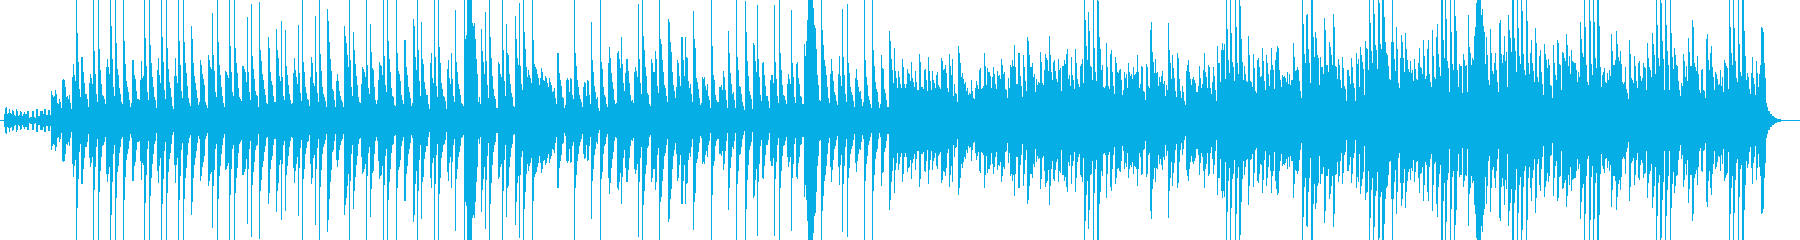 入眠時のリラックスマリンバの再生済みの波形